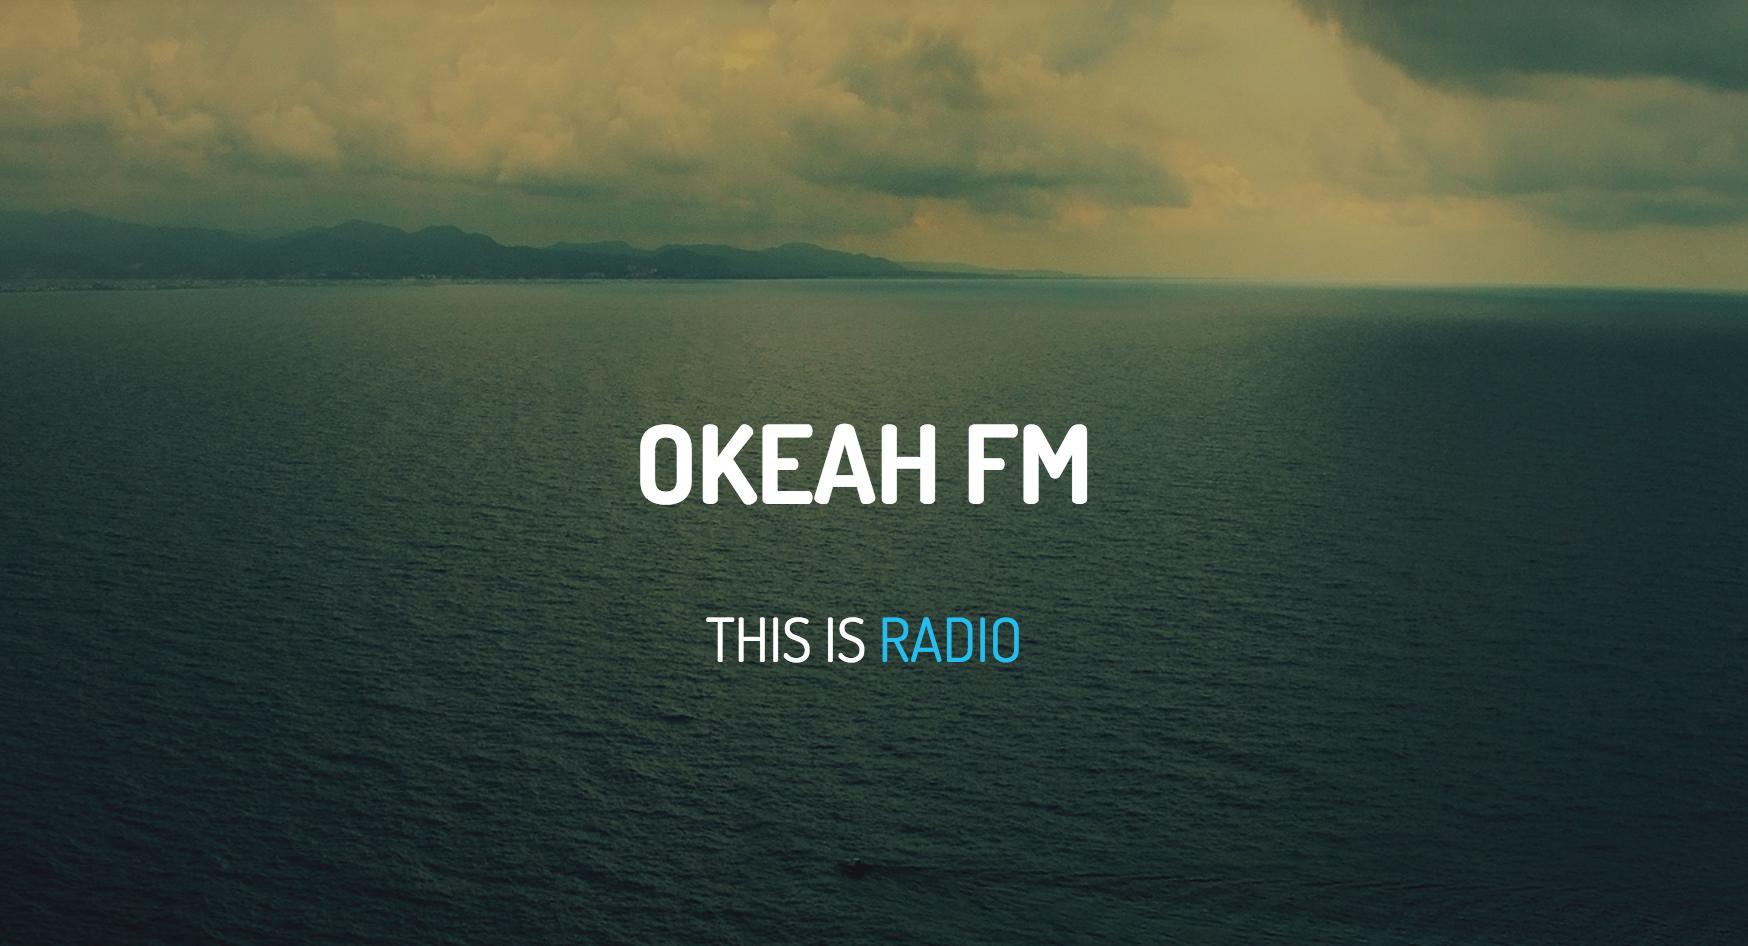 OKEAH FM